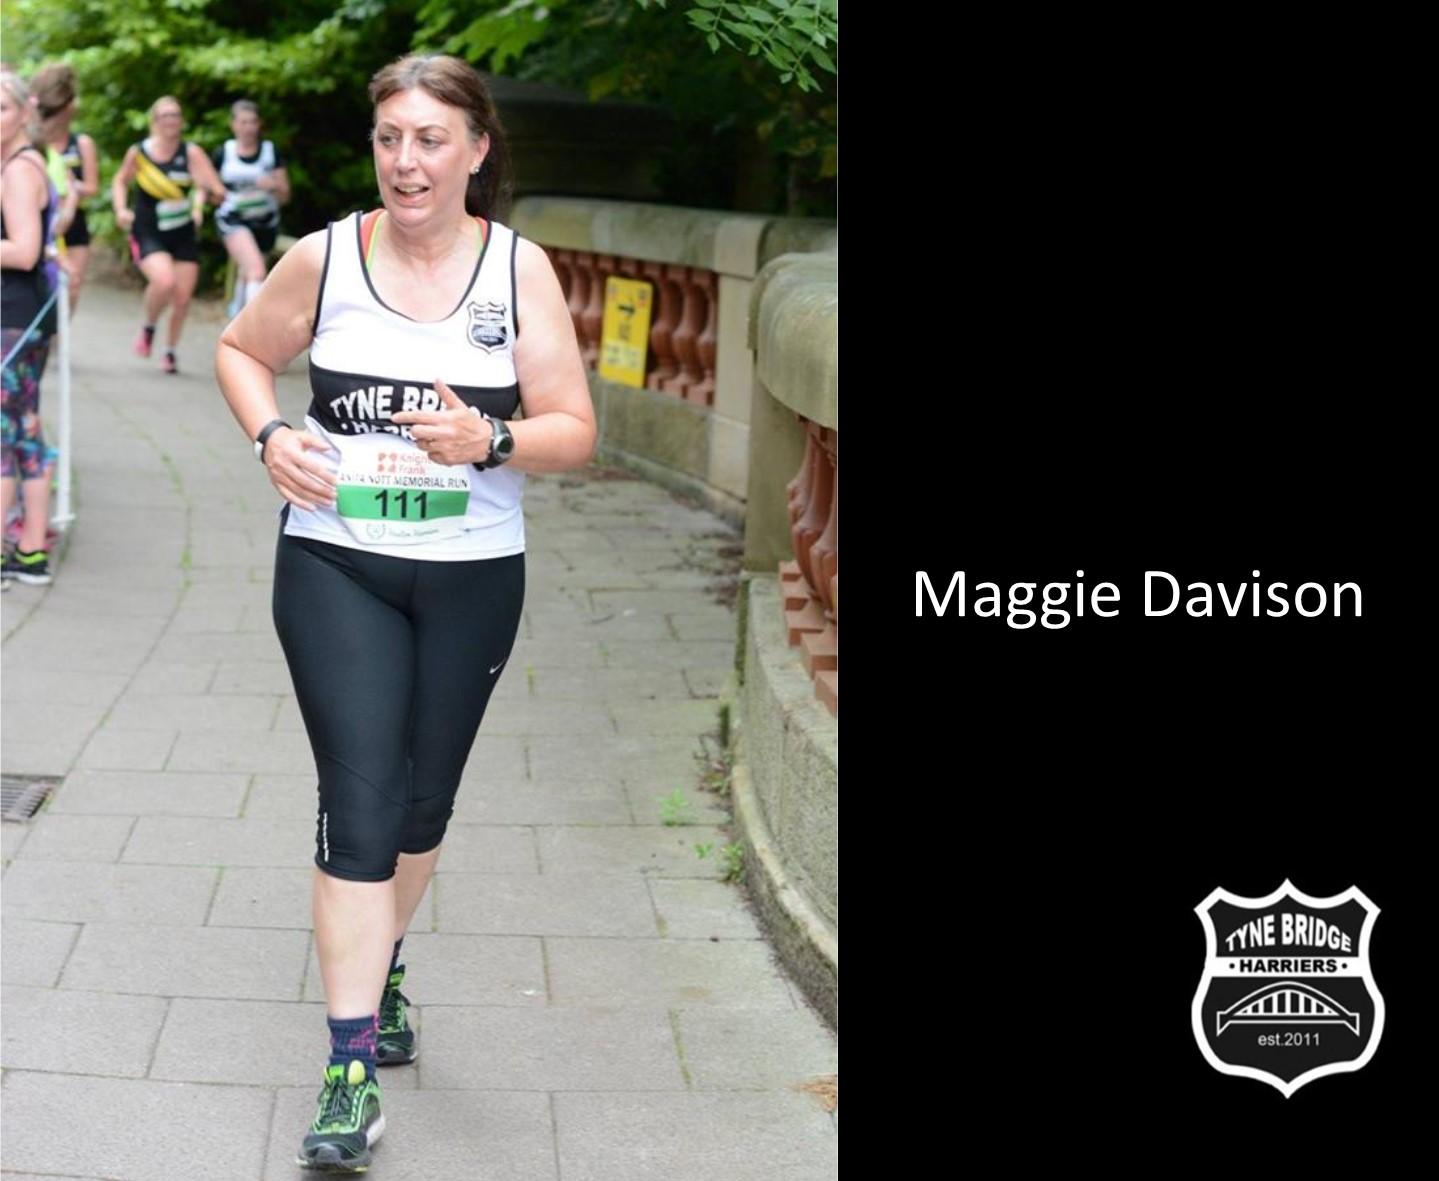 Maggie Davison